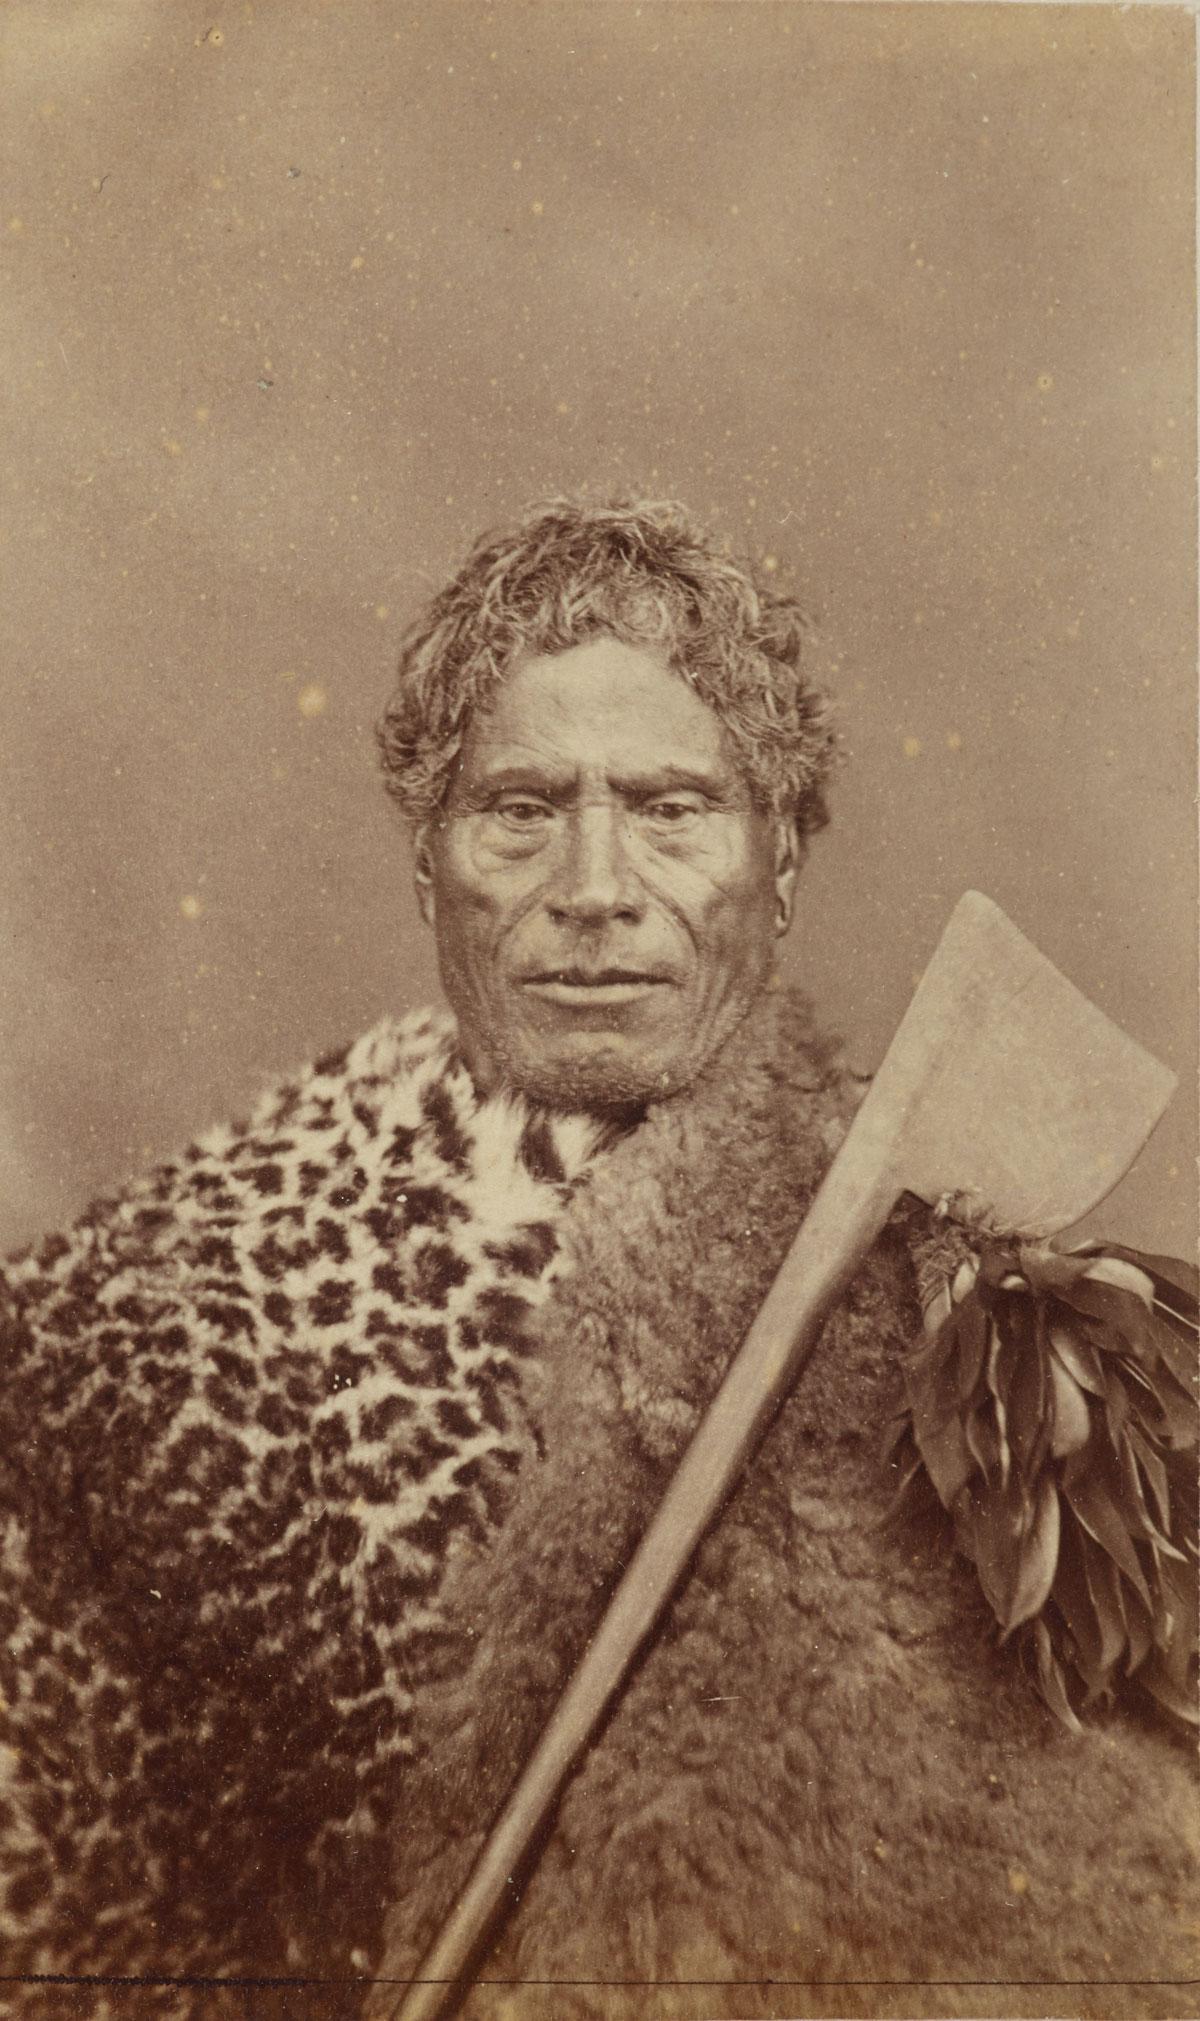 Unknown Photographer Nopera Te Ngiha 1860 1880 Carte De Visite Albumen Silver Print Papa O041394